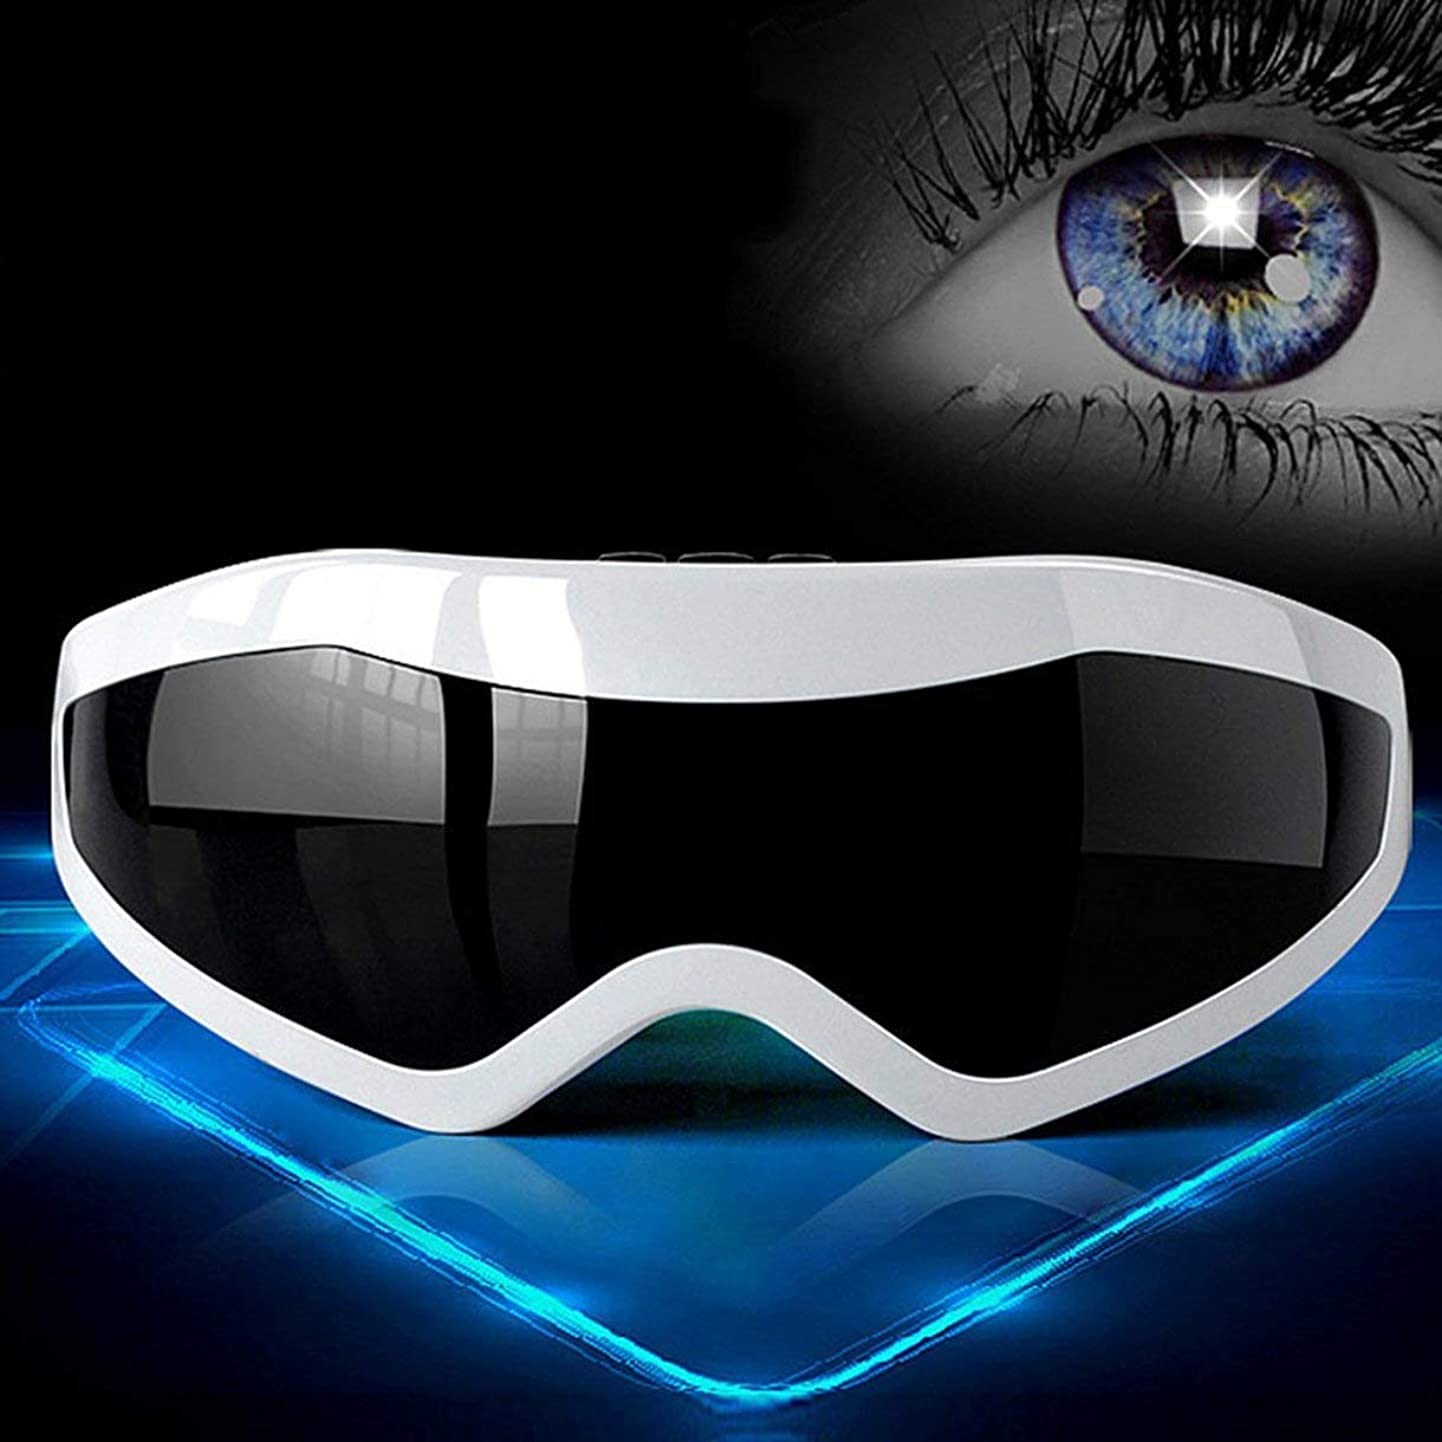 導入する不正直厚いComfortable Electric Eye Massager Men Women Eye Brain Relax Magnetic Eye Health Care Massager Instrument Best Gift